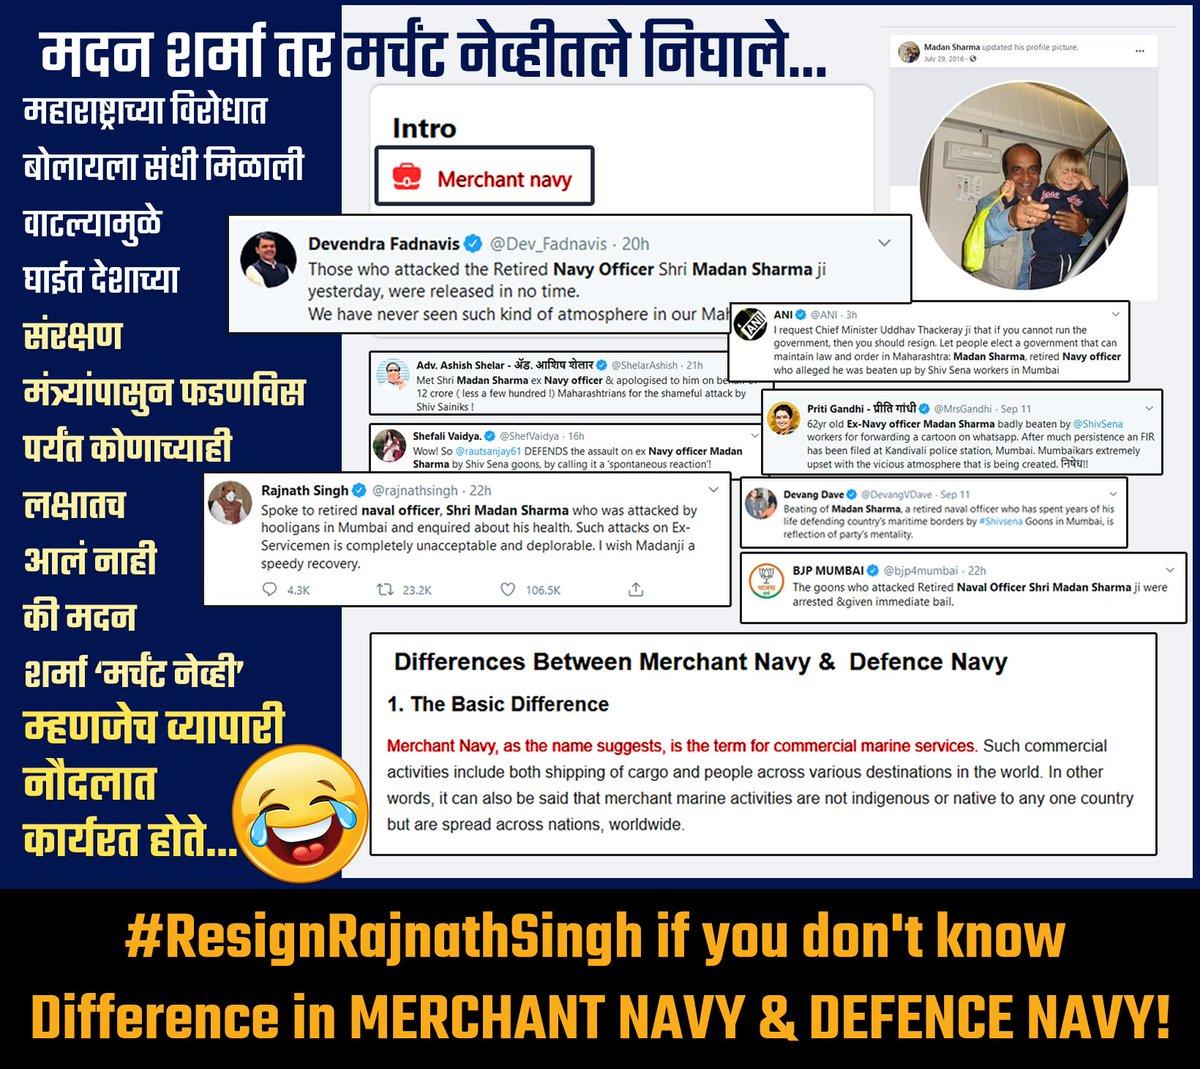 महाराष्ट्राबद्दल टीका करायला गुडघ्याला बाशिंग बांधुन उतावळ्या भाजपाकडुन #घोडचूक! मदन शर्मा MERCHANT NAVY त कार्यरत होते! हा सैन्याचा #अपमान आहेच पण केंद्रीय संरक्षण मंत्री पदाचा देखील घोर अपमान आहे.  #ResignRajnathSingh if you don't know difference in MERCHANT NAVY & DEFENCE NAVY https://t.co/dDLBsfp8E9